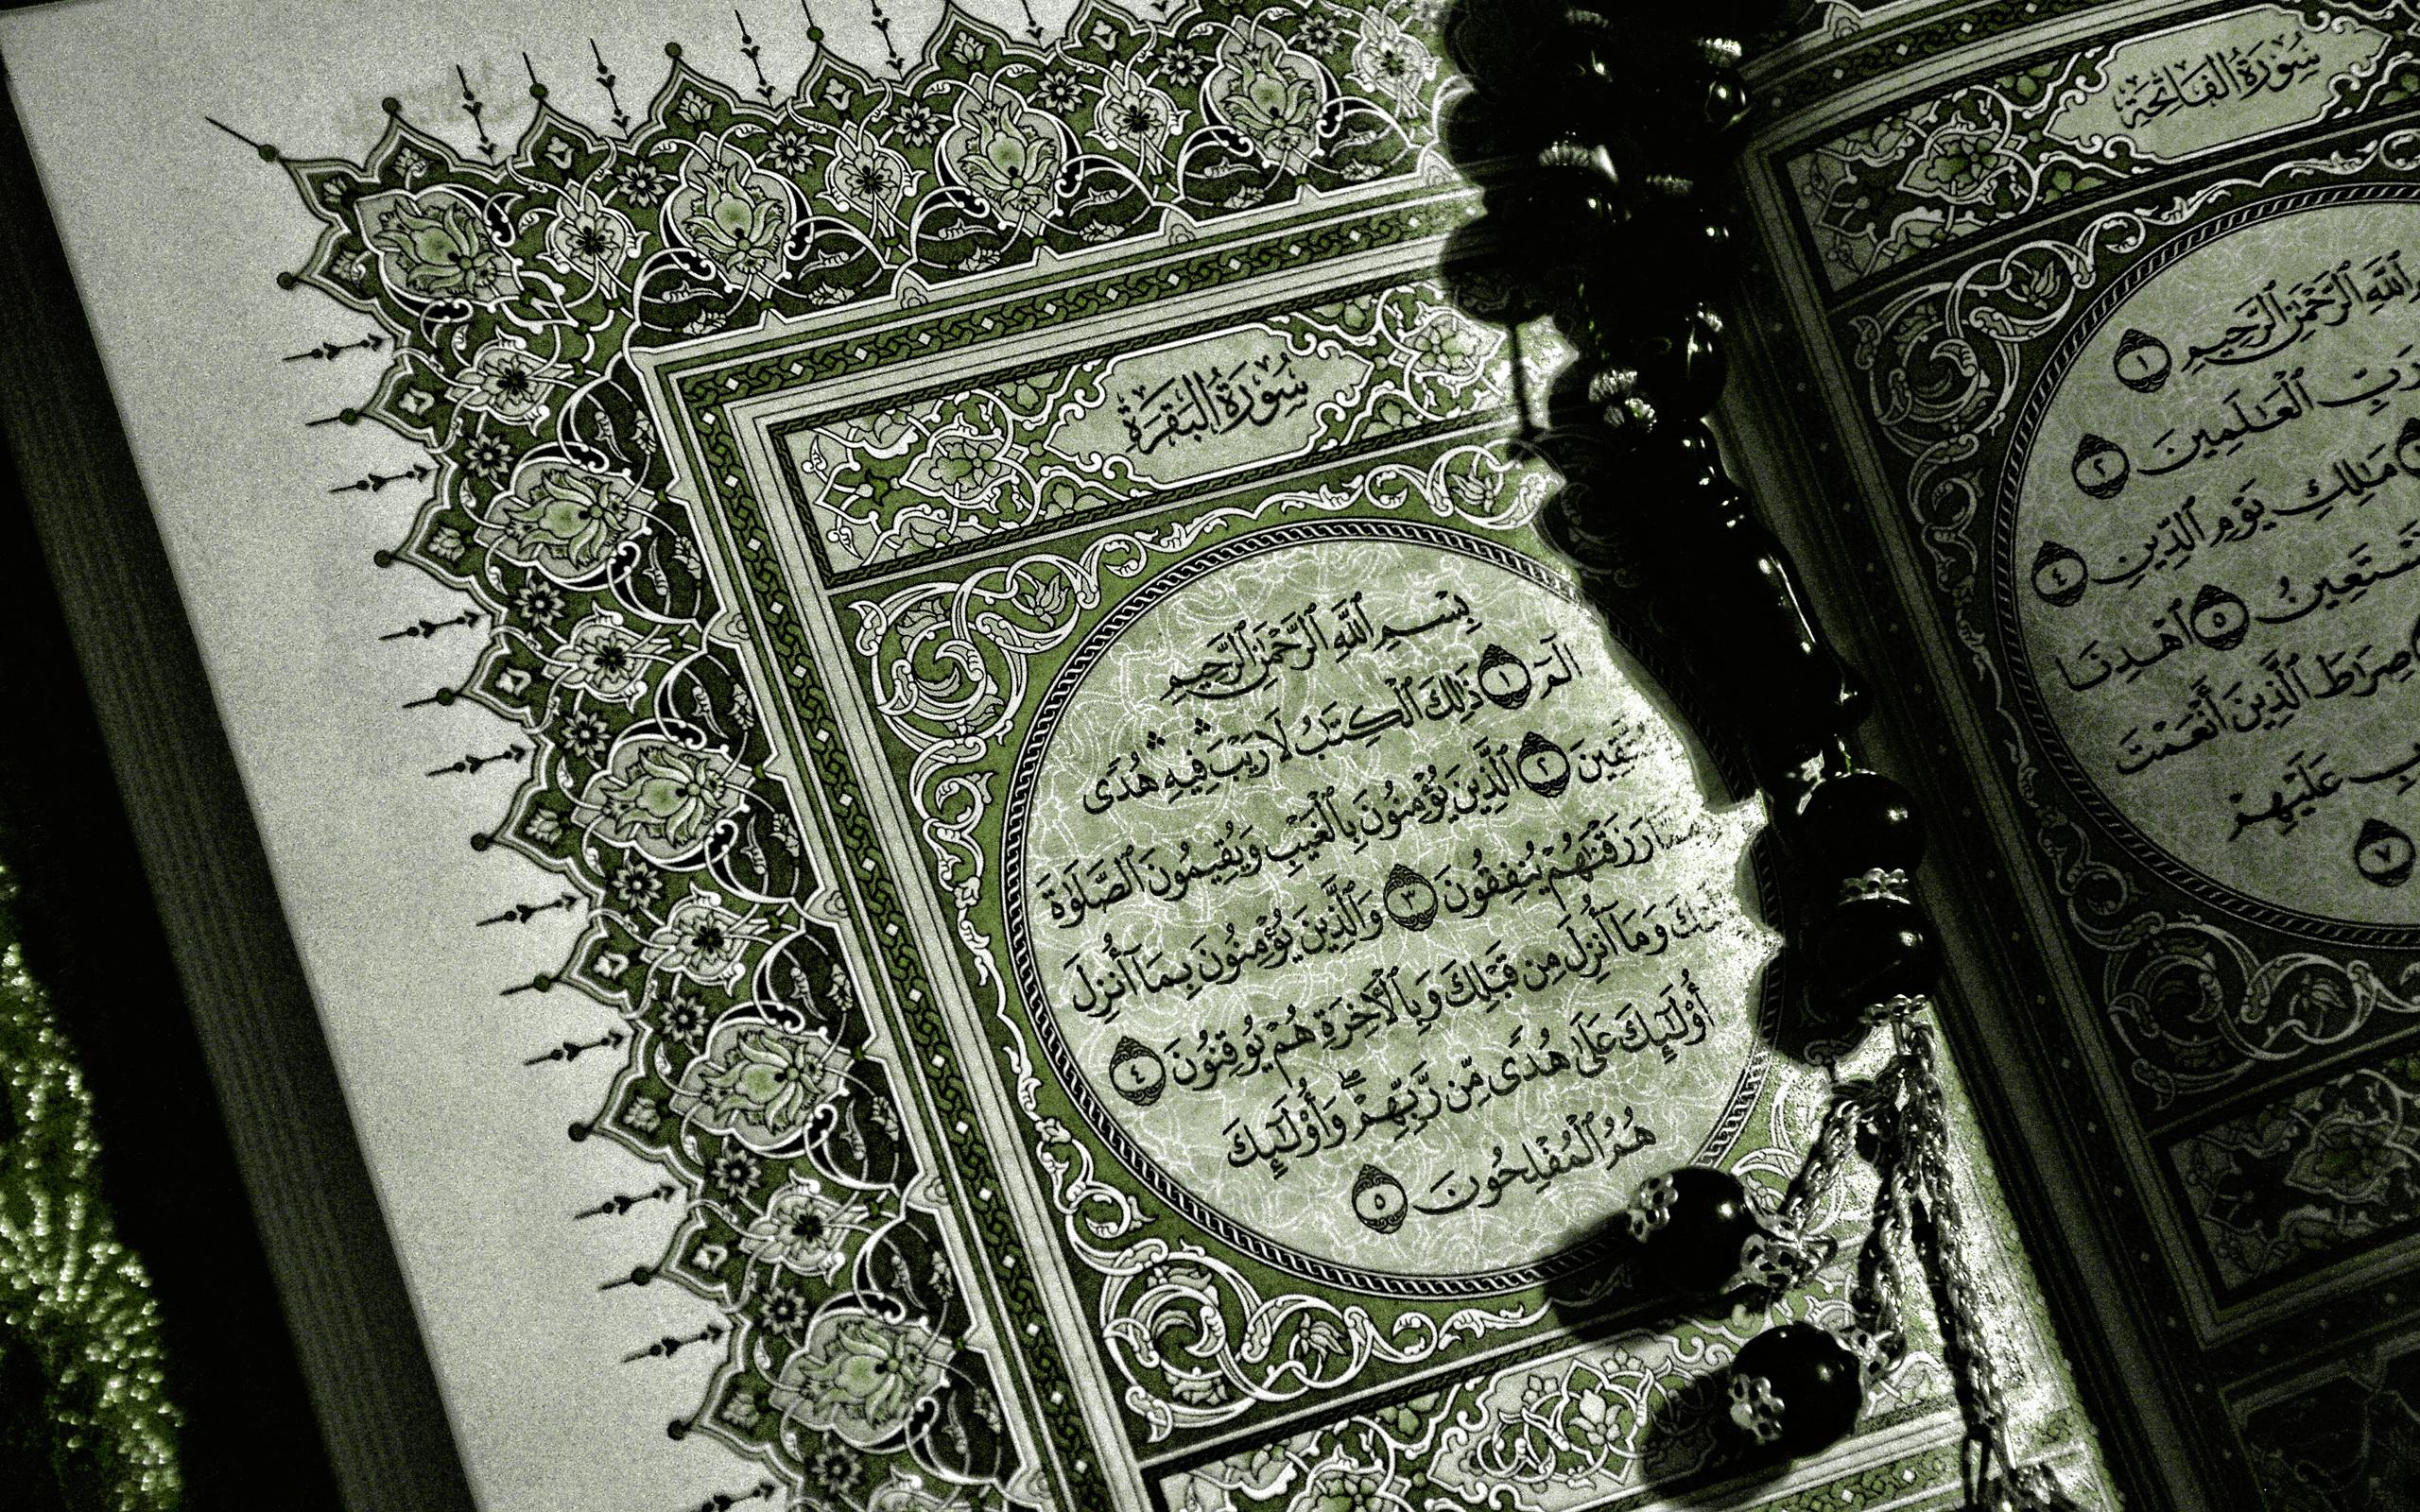 quran wallpaper iphone